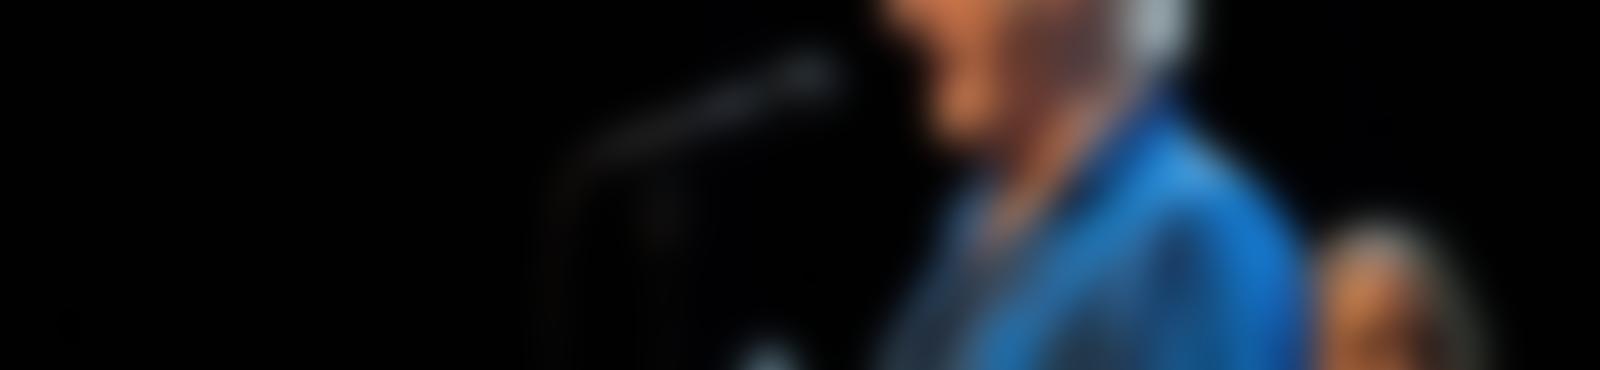 Blurred 1f5d239c 40af 4142 a05b a7830adb1089